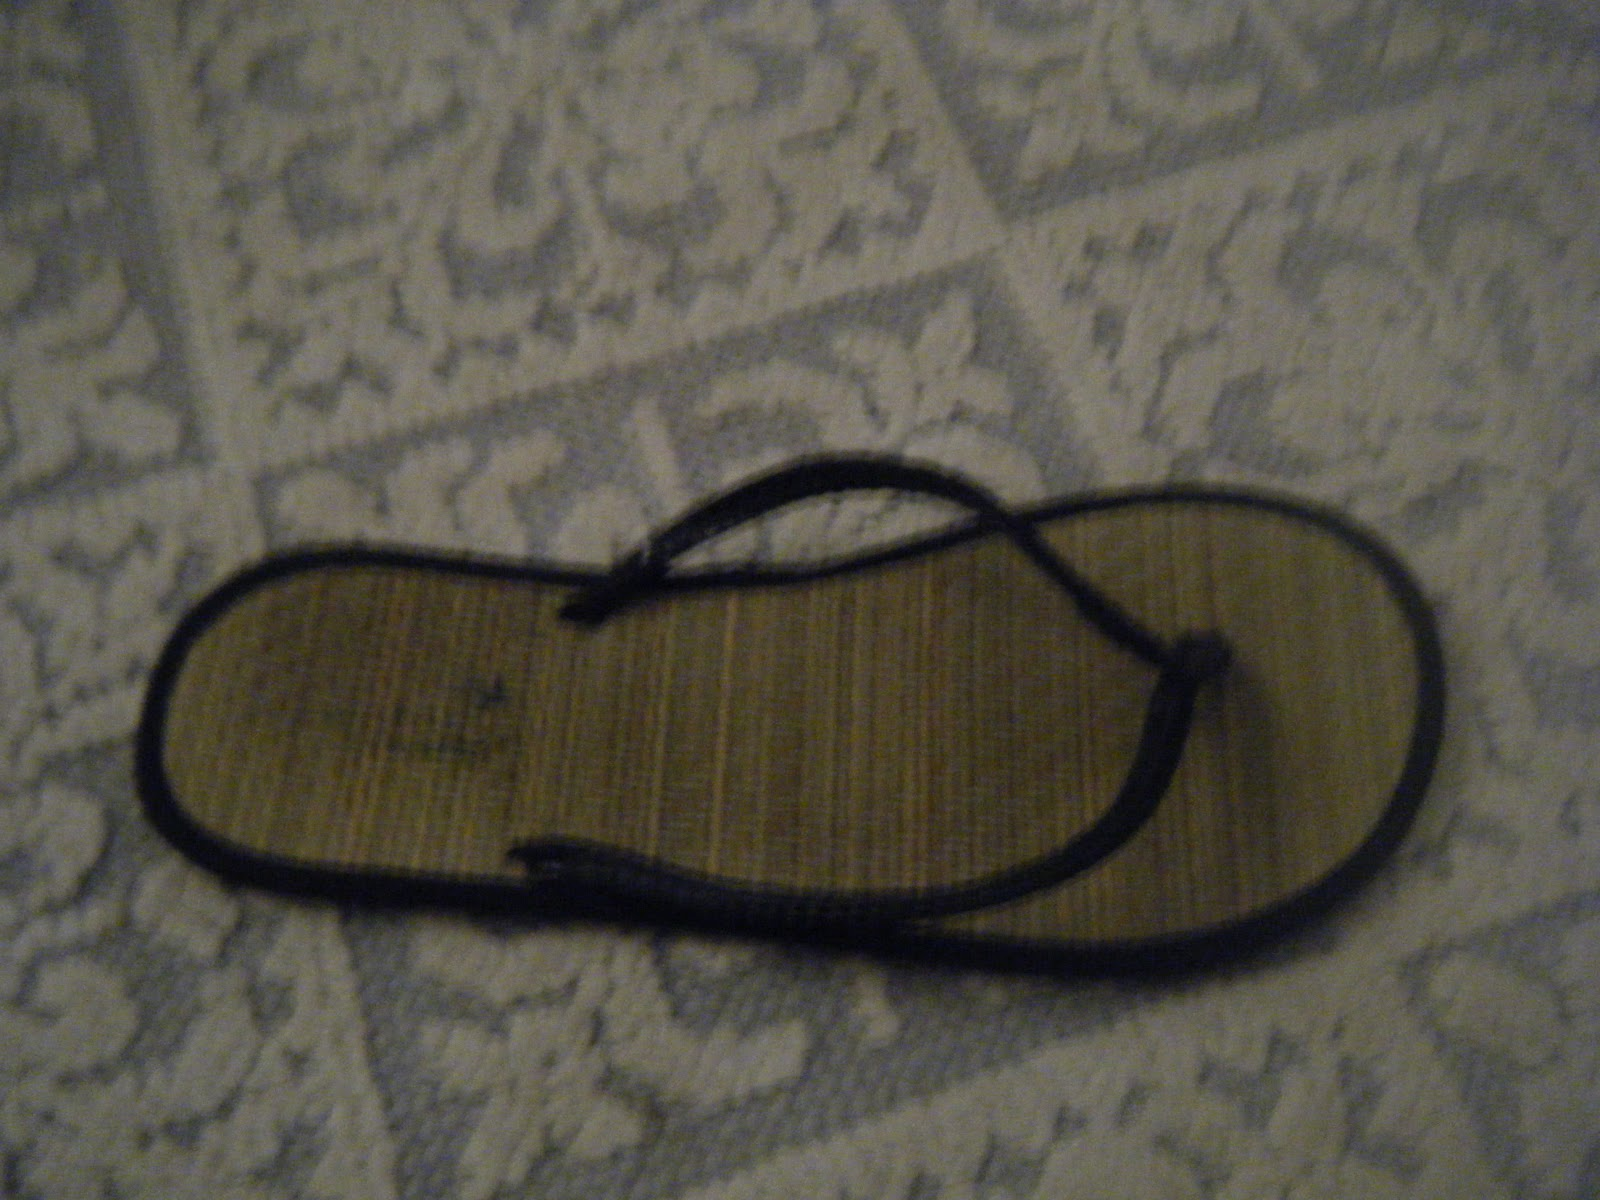 Esta Es Nuestra Sandalia Que En El Verano No Son De Tanta Utilidad Por